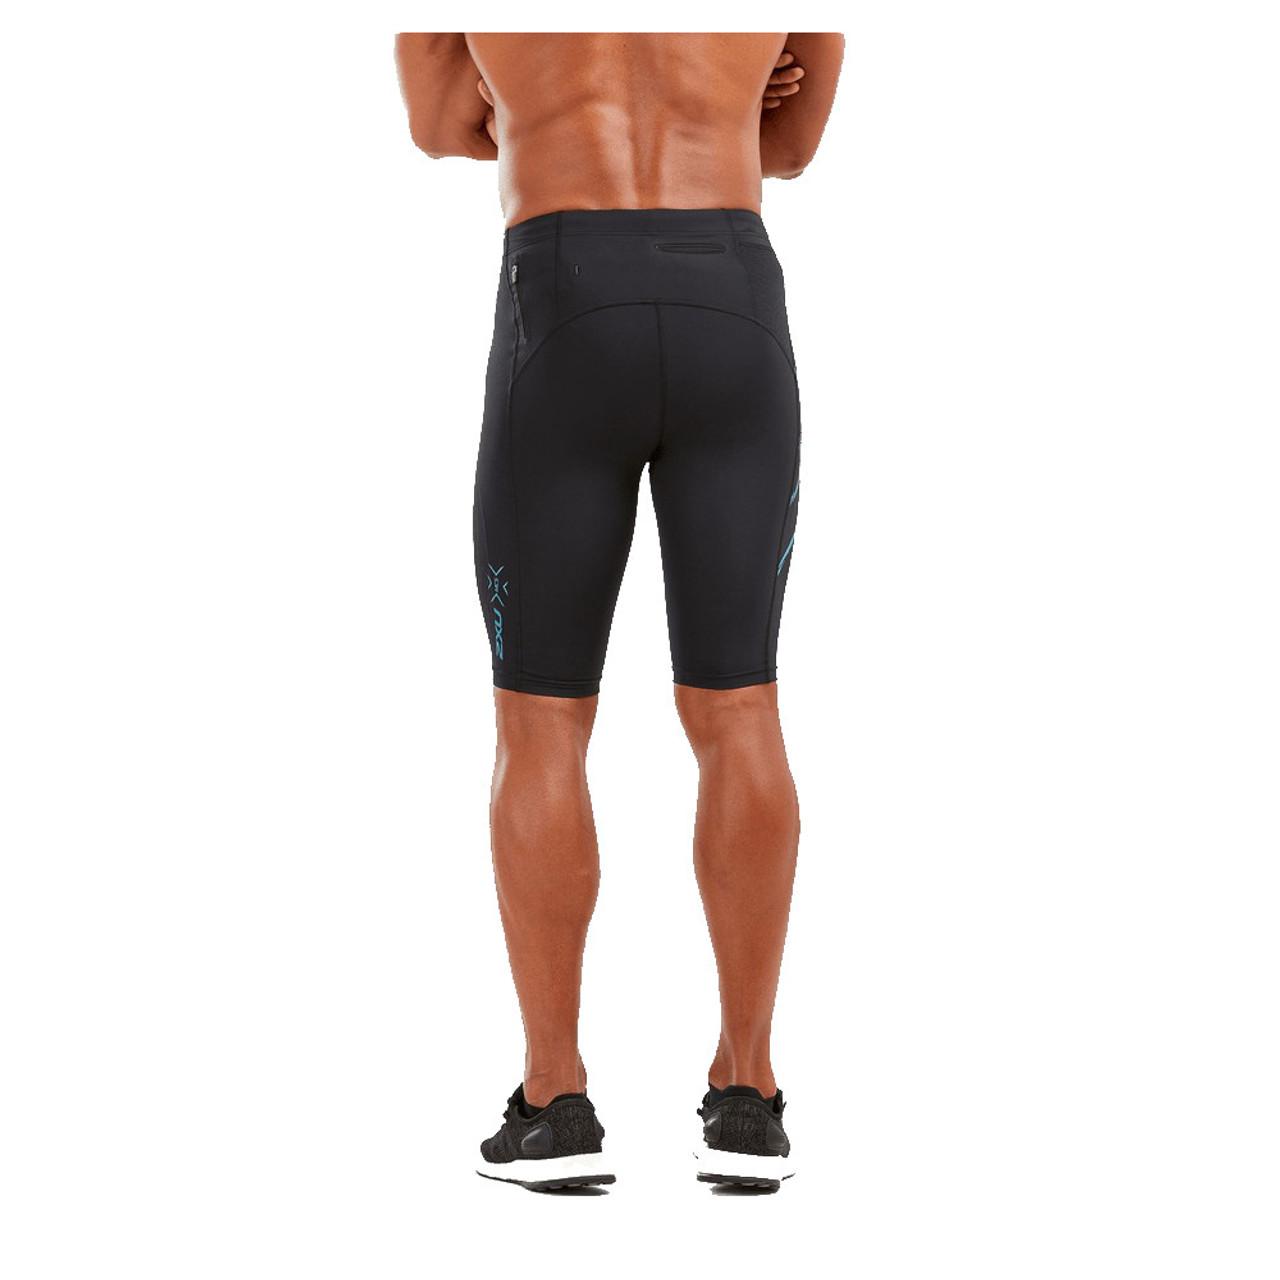 fcb6aced1ac52 ... 2XU Men's MCS Run Compression Shorts - Back